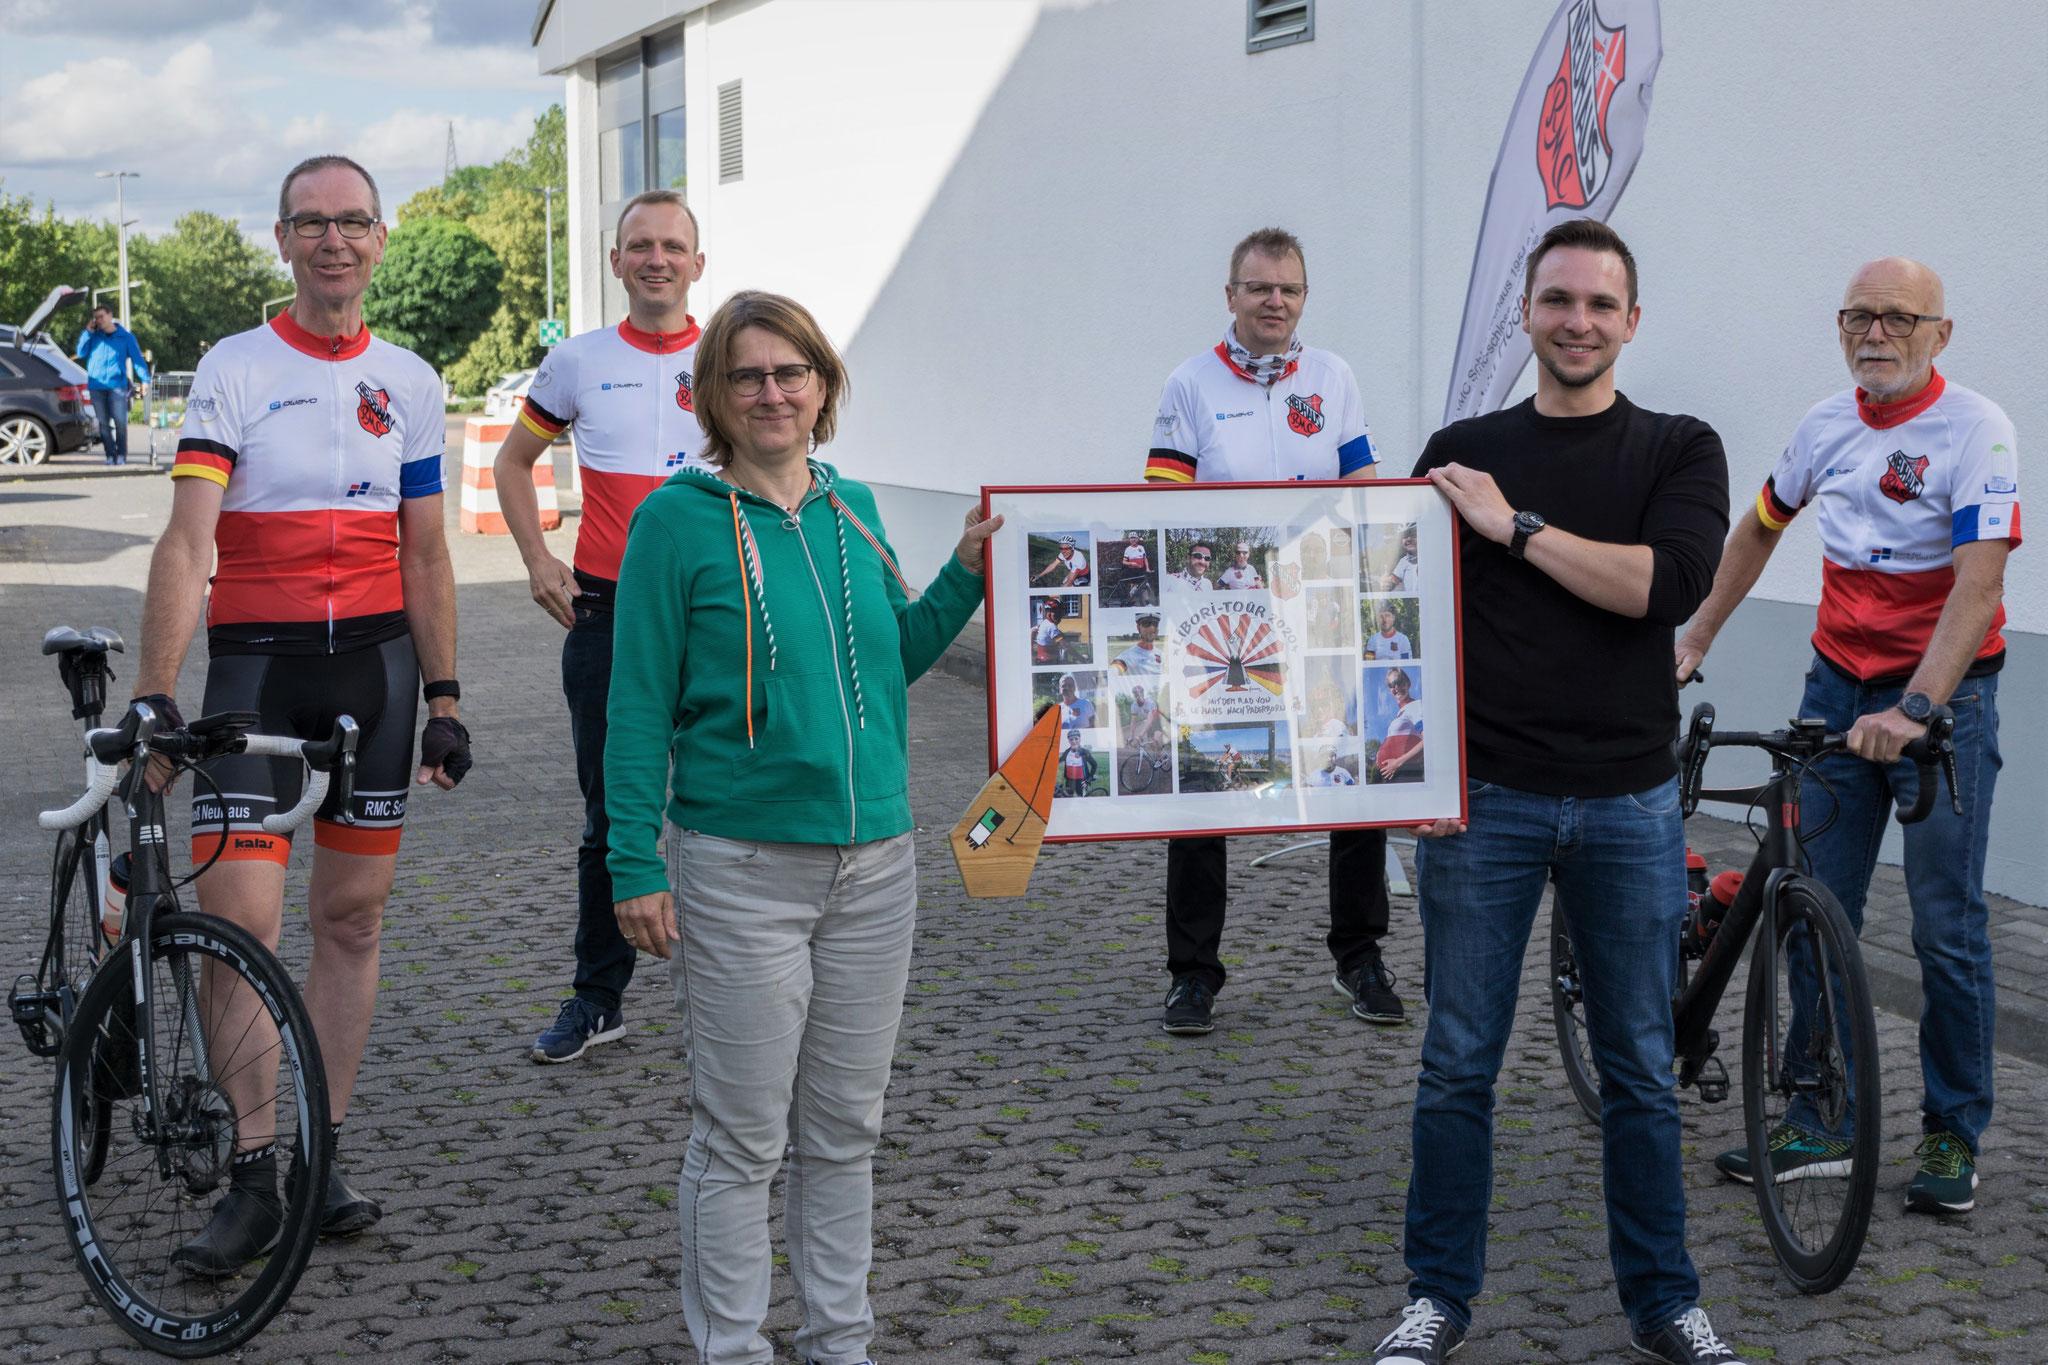 1. Reihe von links: Christoph Lescher, Odilia Wagener, Tobias Franc (beide AKHD PB-HX), Bernhard Dirkschnieder; 2. Reihe von links: Thomas Kirchhoff, Martin Klösener